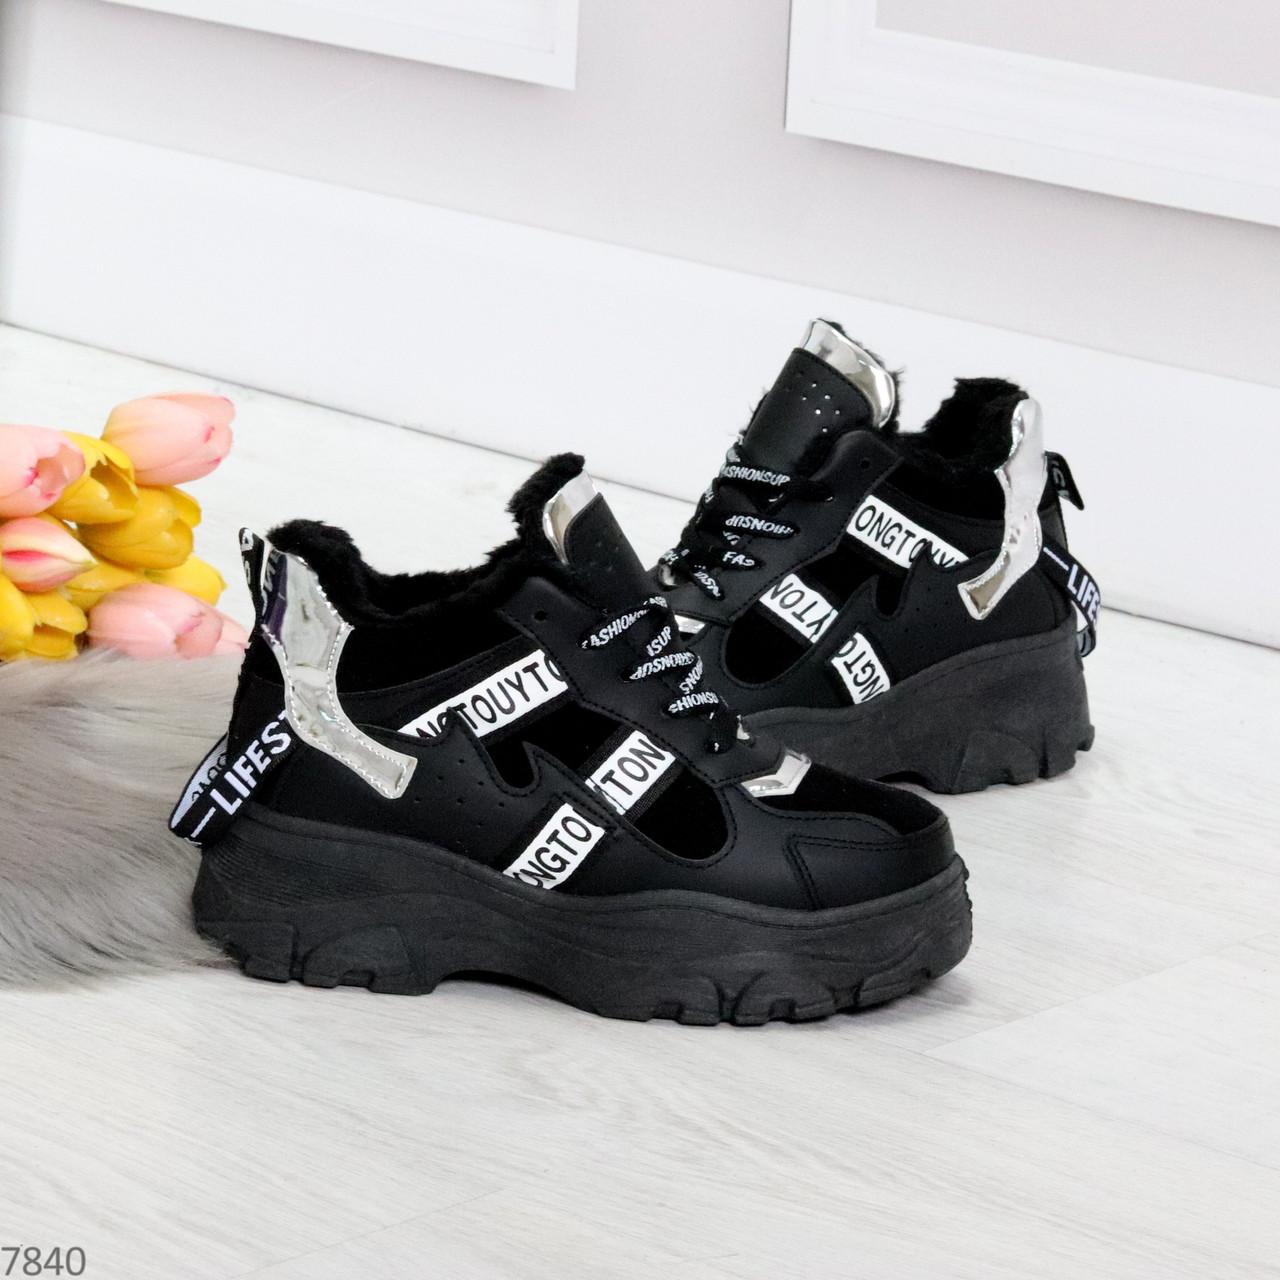 Крутые модельные молодежные женские черные зимние кроссовки сникерсы